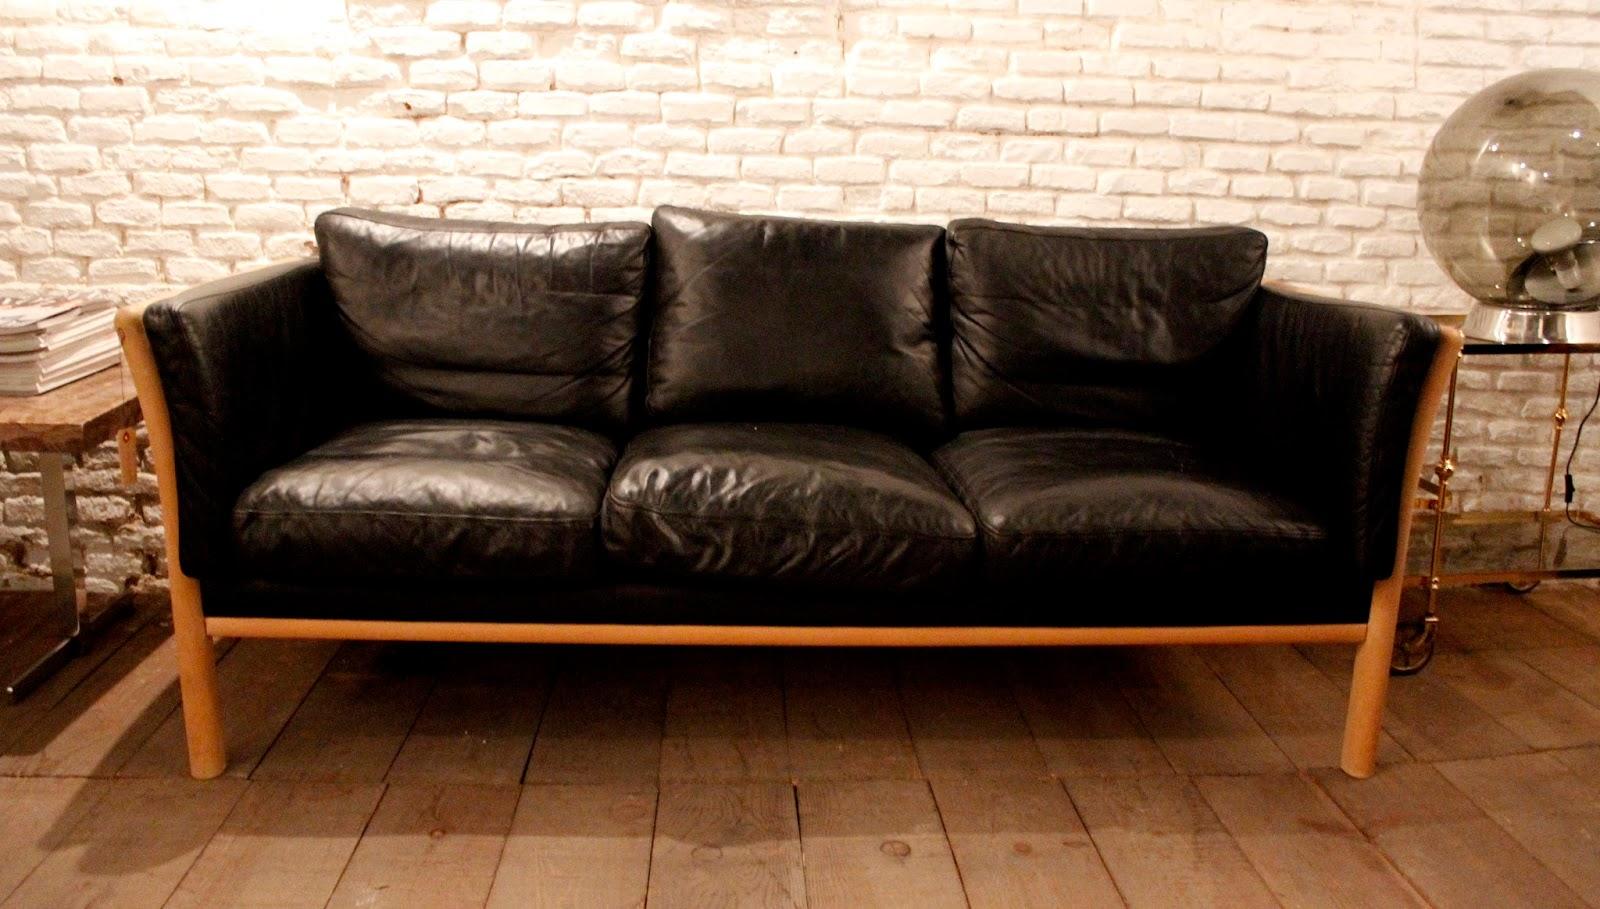 Tienda online muebles vintage cheap decoracin beltrn tu for Muebles vintage online baratos